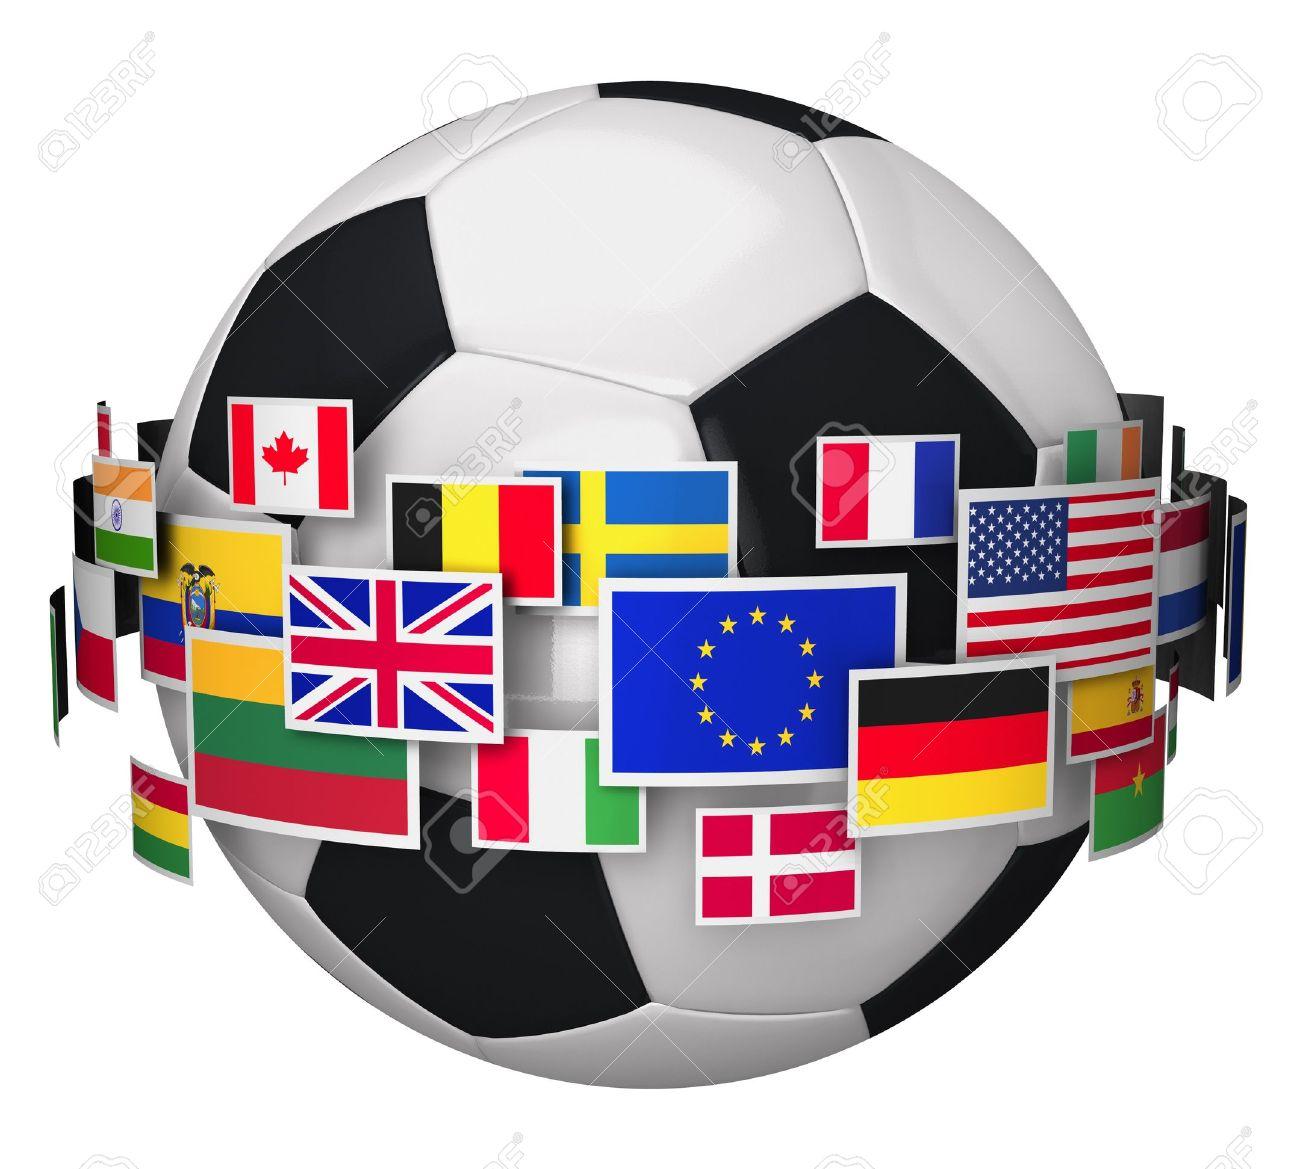 Internationale Fußball-EM Fußball-Konzept Mit Gruppe Von Farb ...